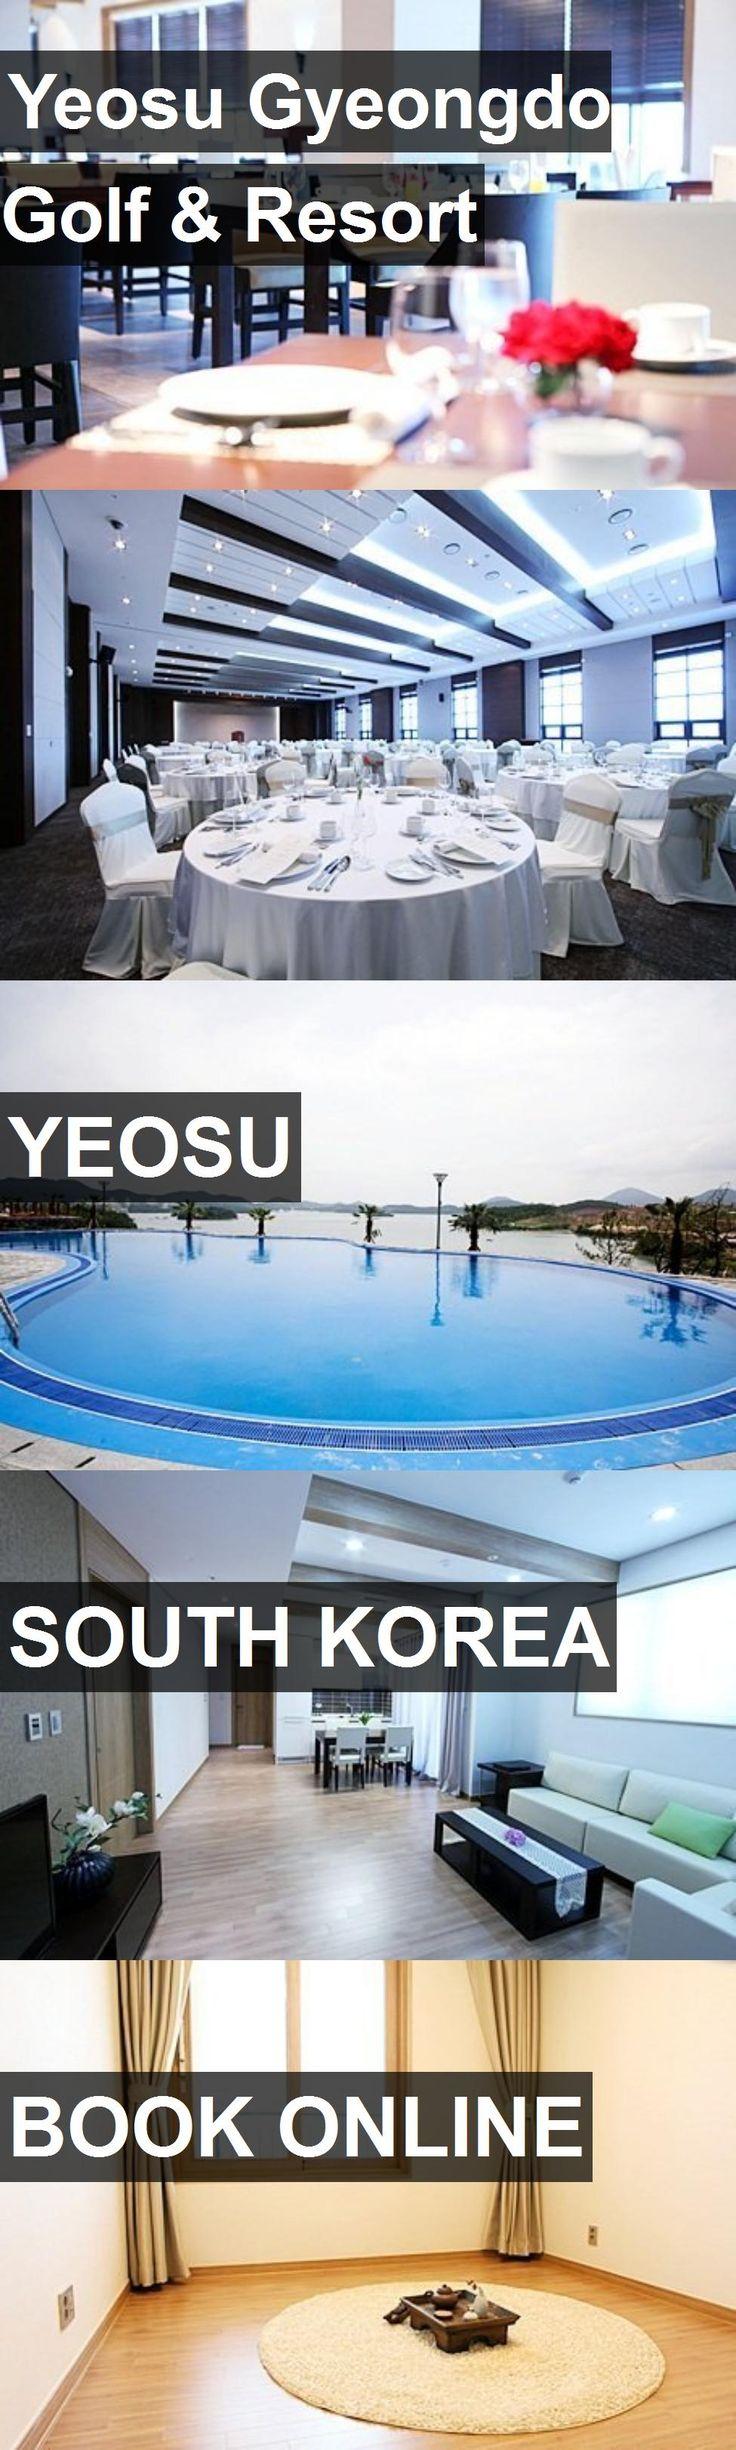 Hotel Yeosu Gyeongdo Golf